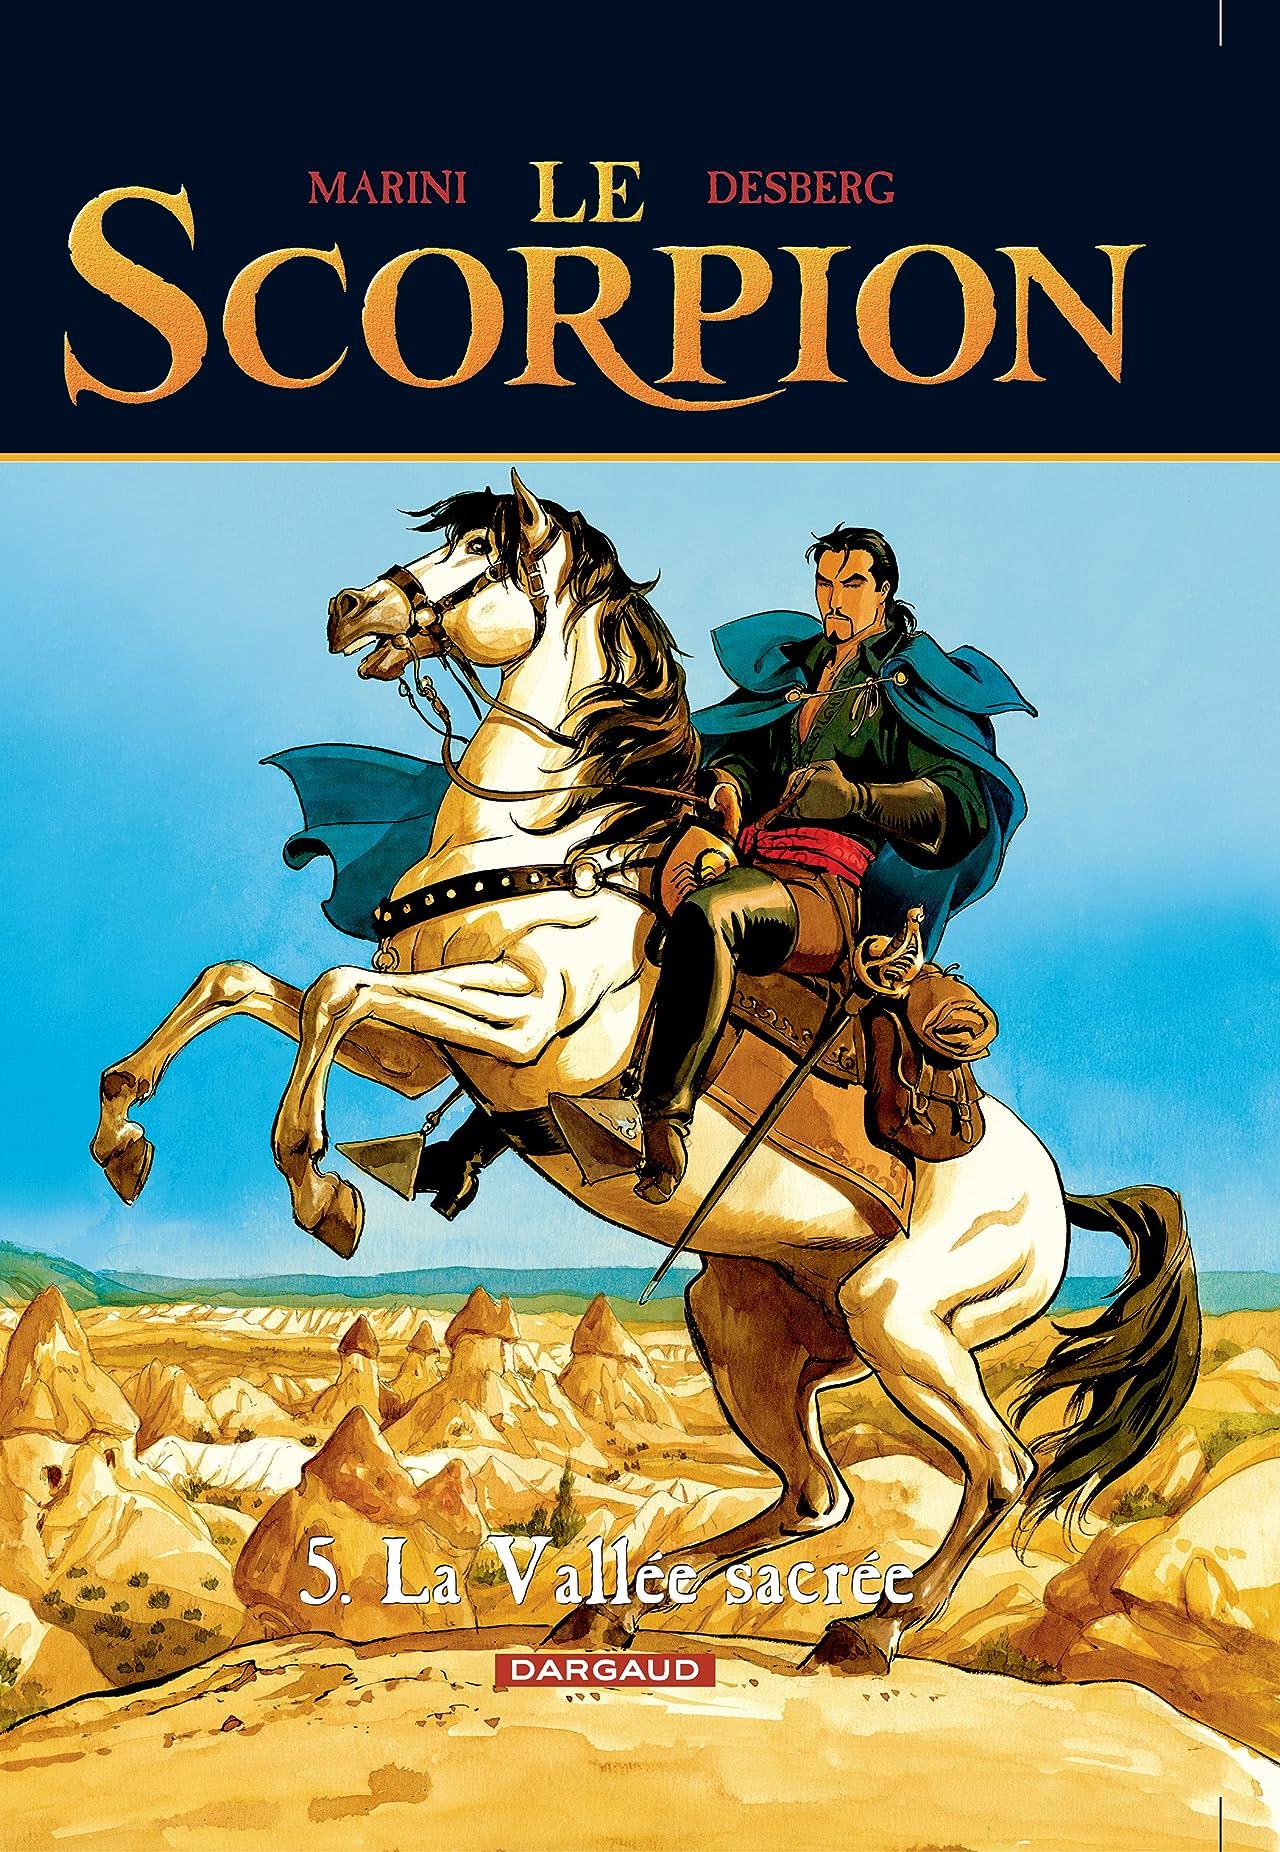 Le Scorpion Vol. 5: La Vallée sacrée